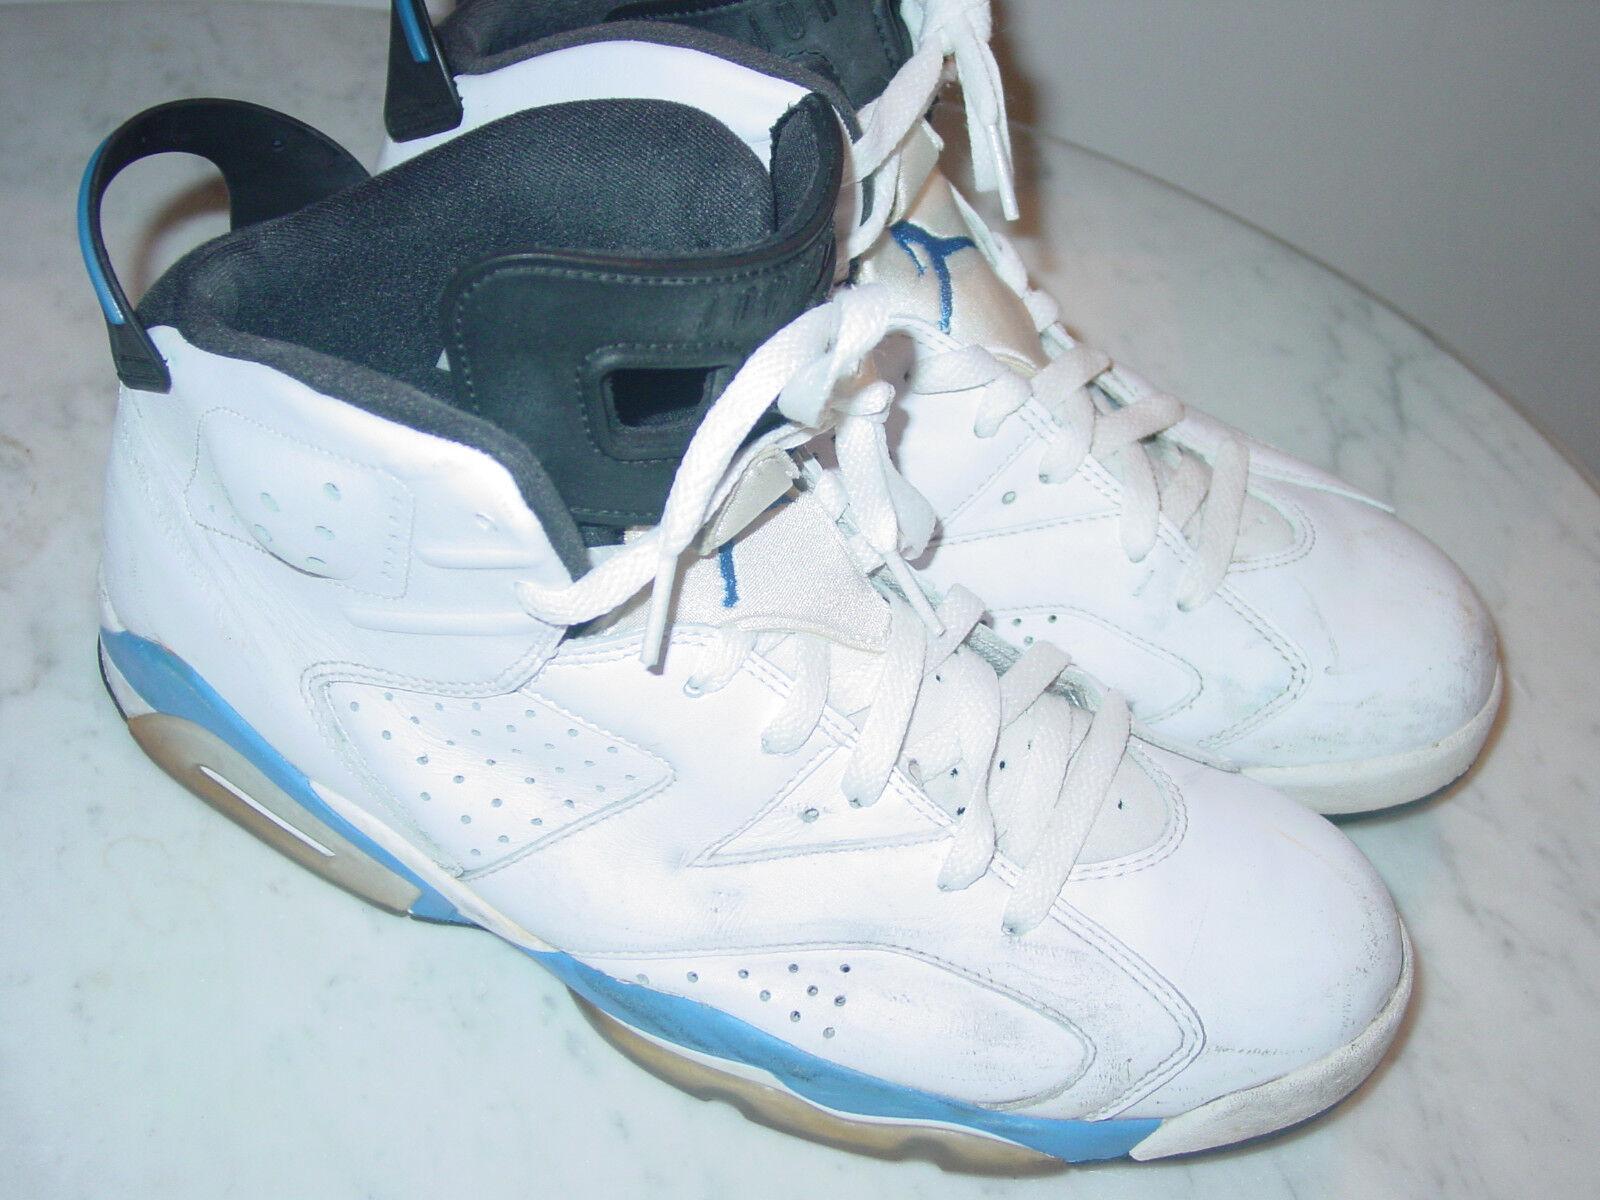 2014 nike air jordan retro - 6 weiße 10,5 / sport blaue schuhe!größe 10,5 weiße verkauft. 757974